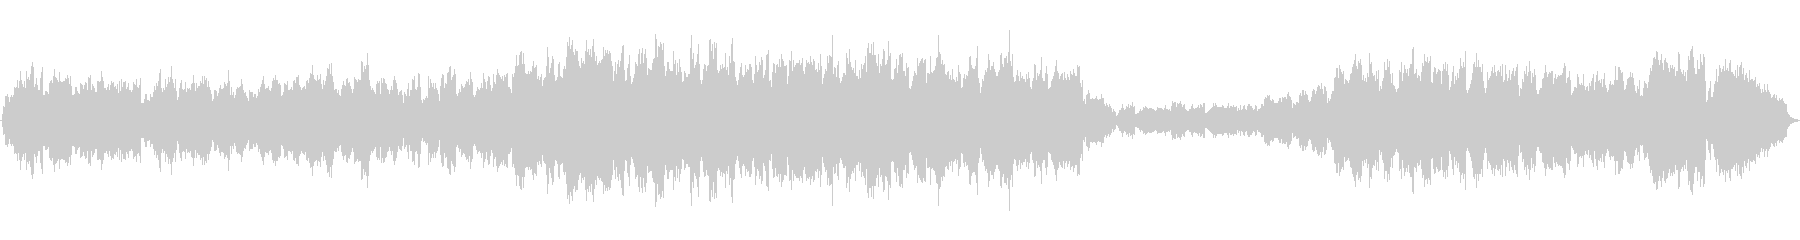 ストリングスの旋律が優しい印象的な作品の未再生の波形